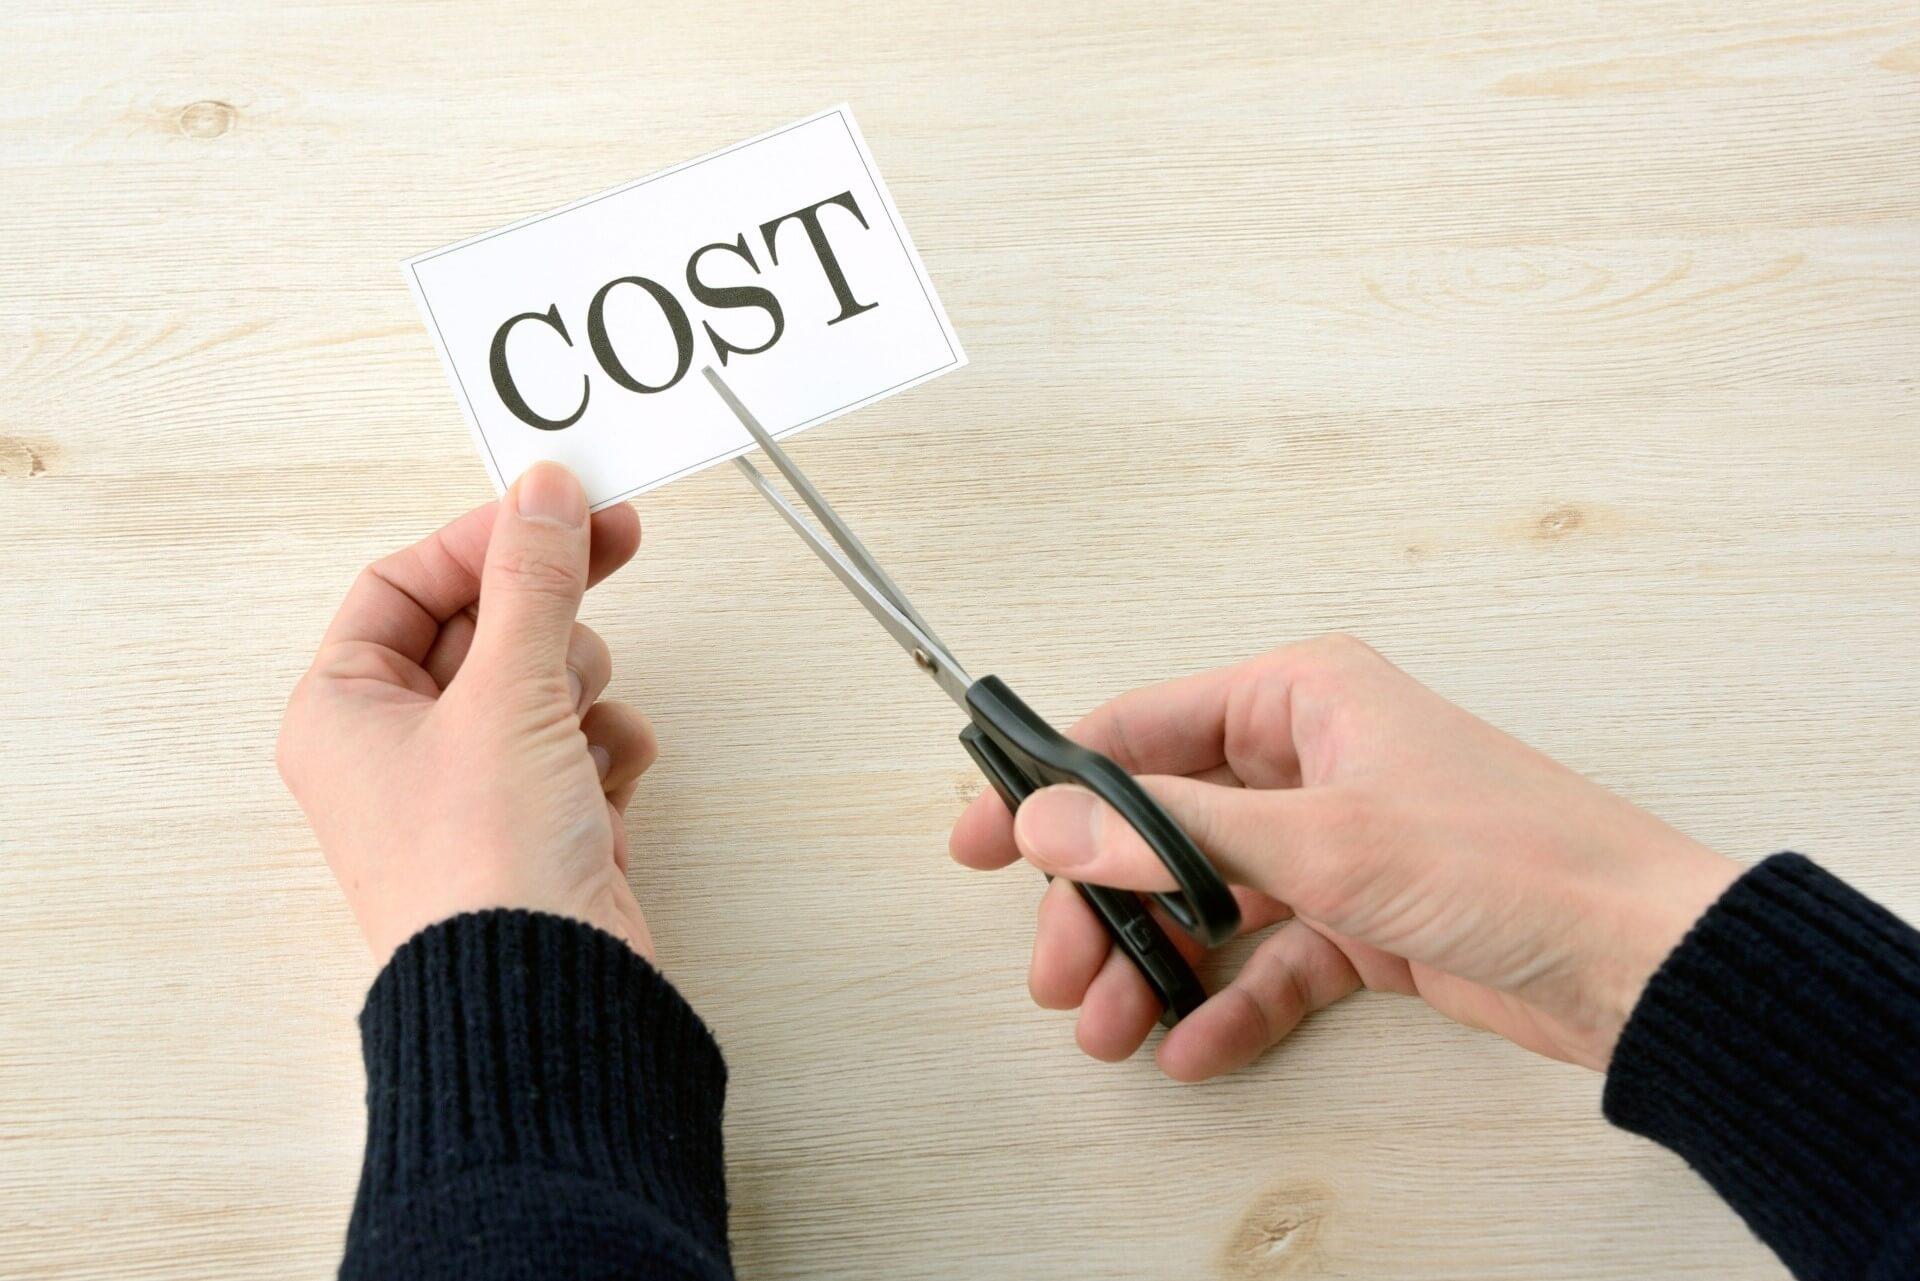 火災保険で費用を抑える方法がある!